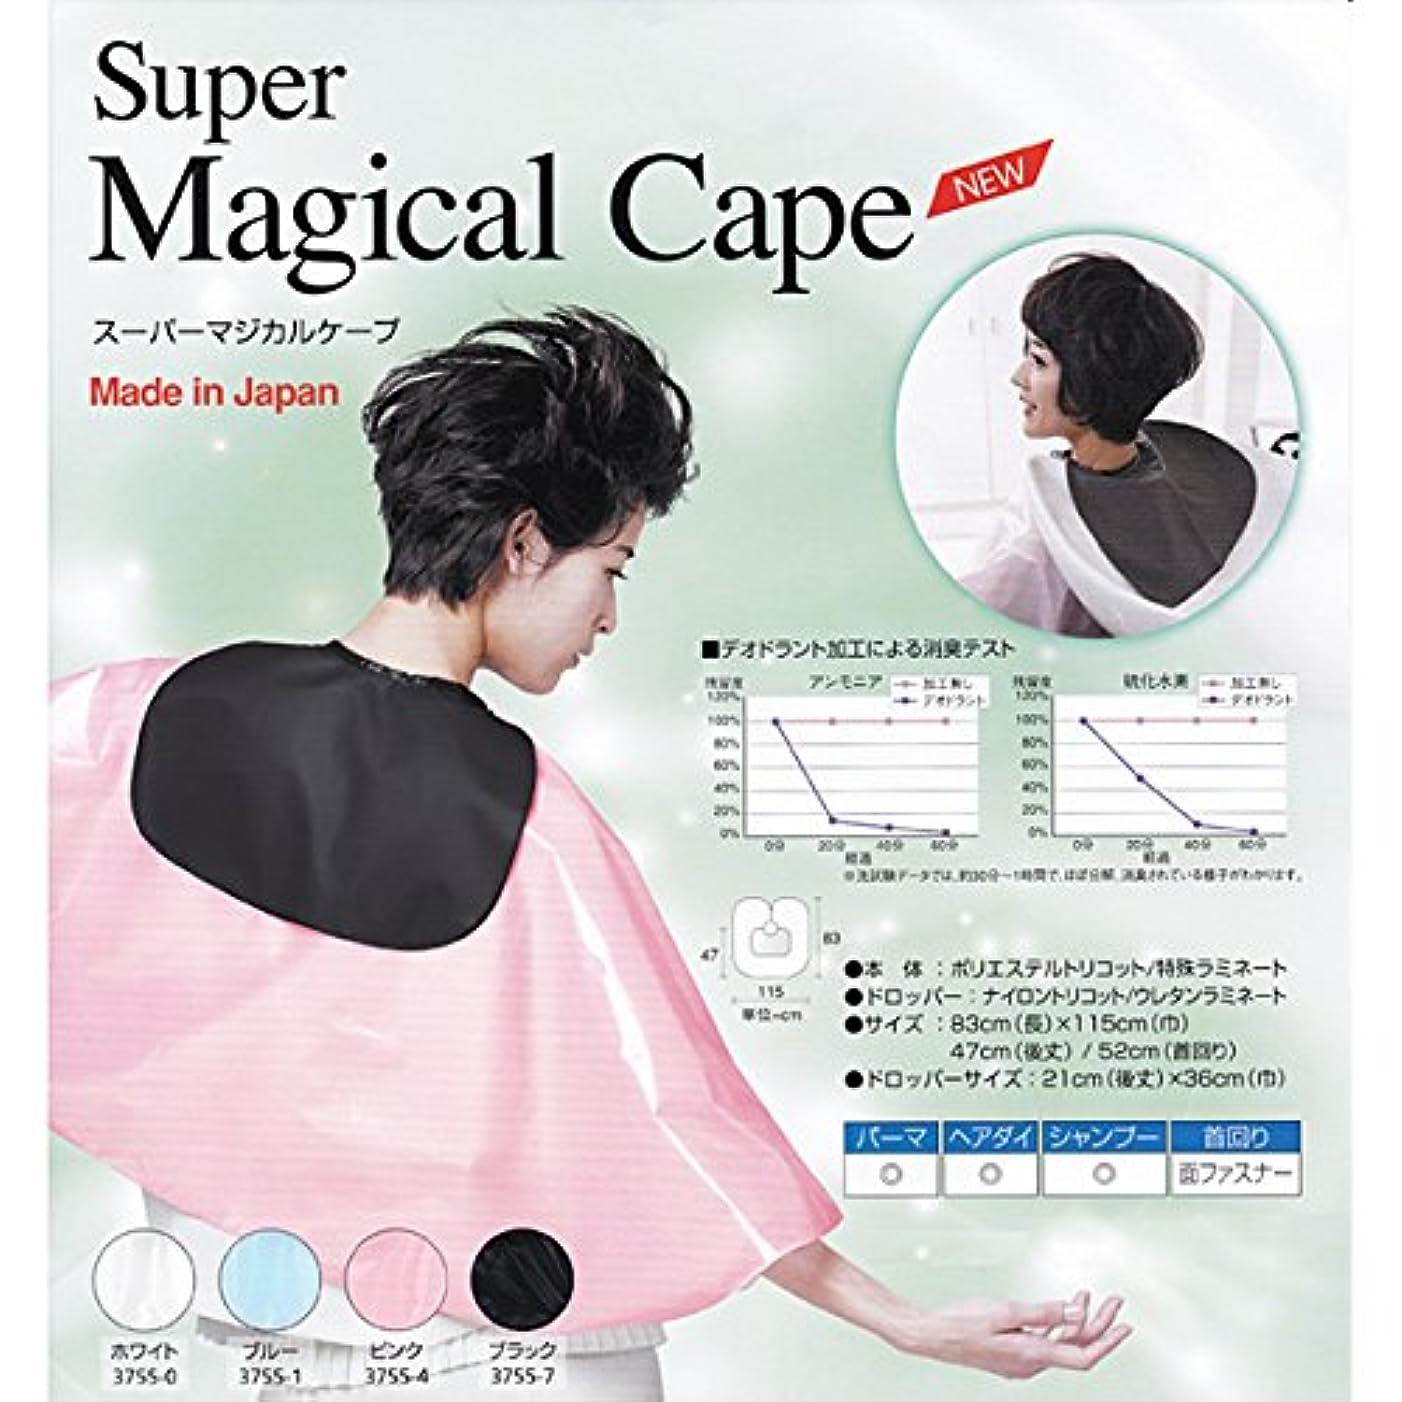 もアクセス統治するワコウ スーパーマジカルケープ No.3759 3755-7(ブラック)